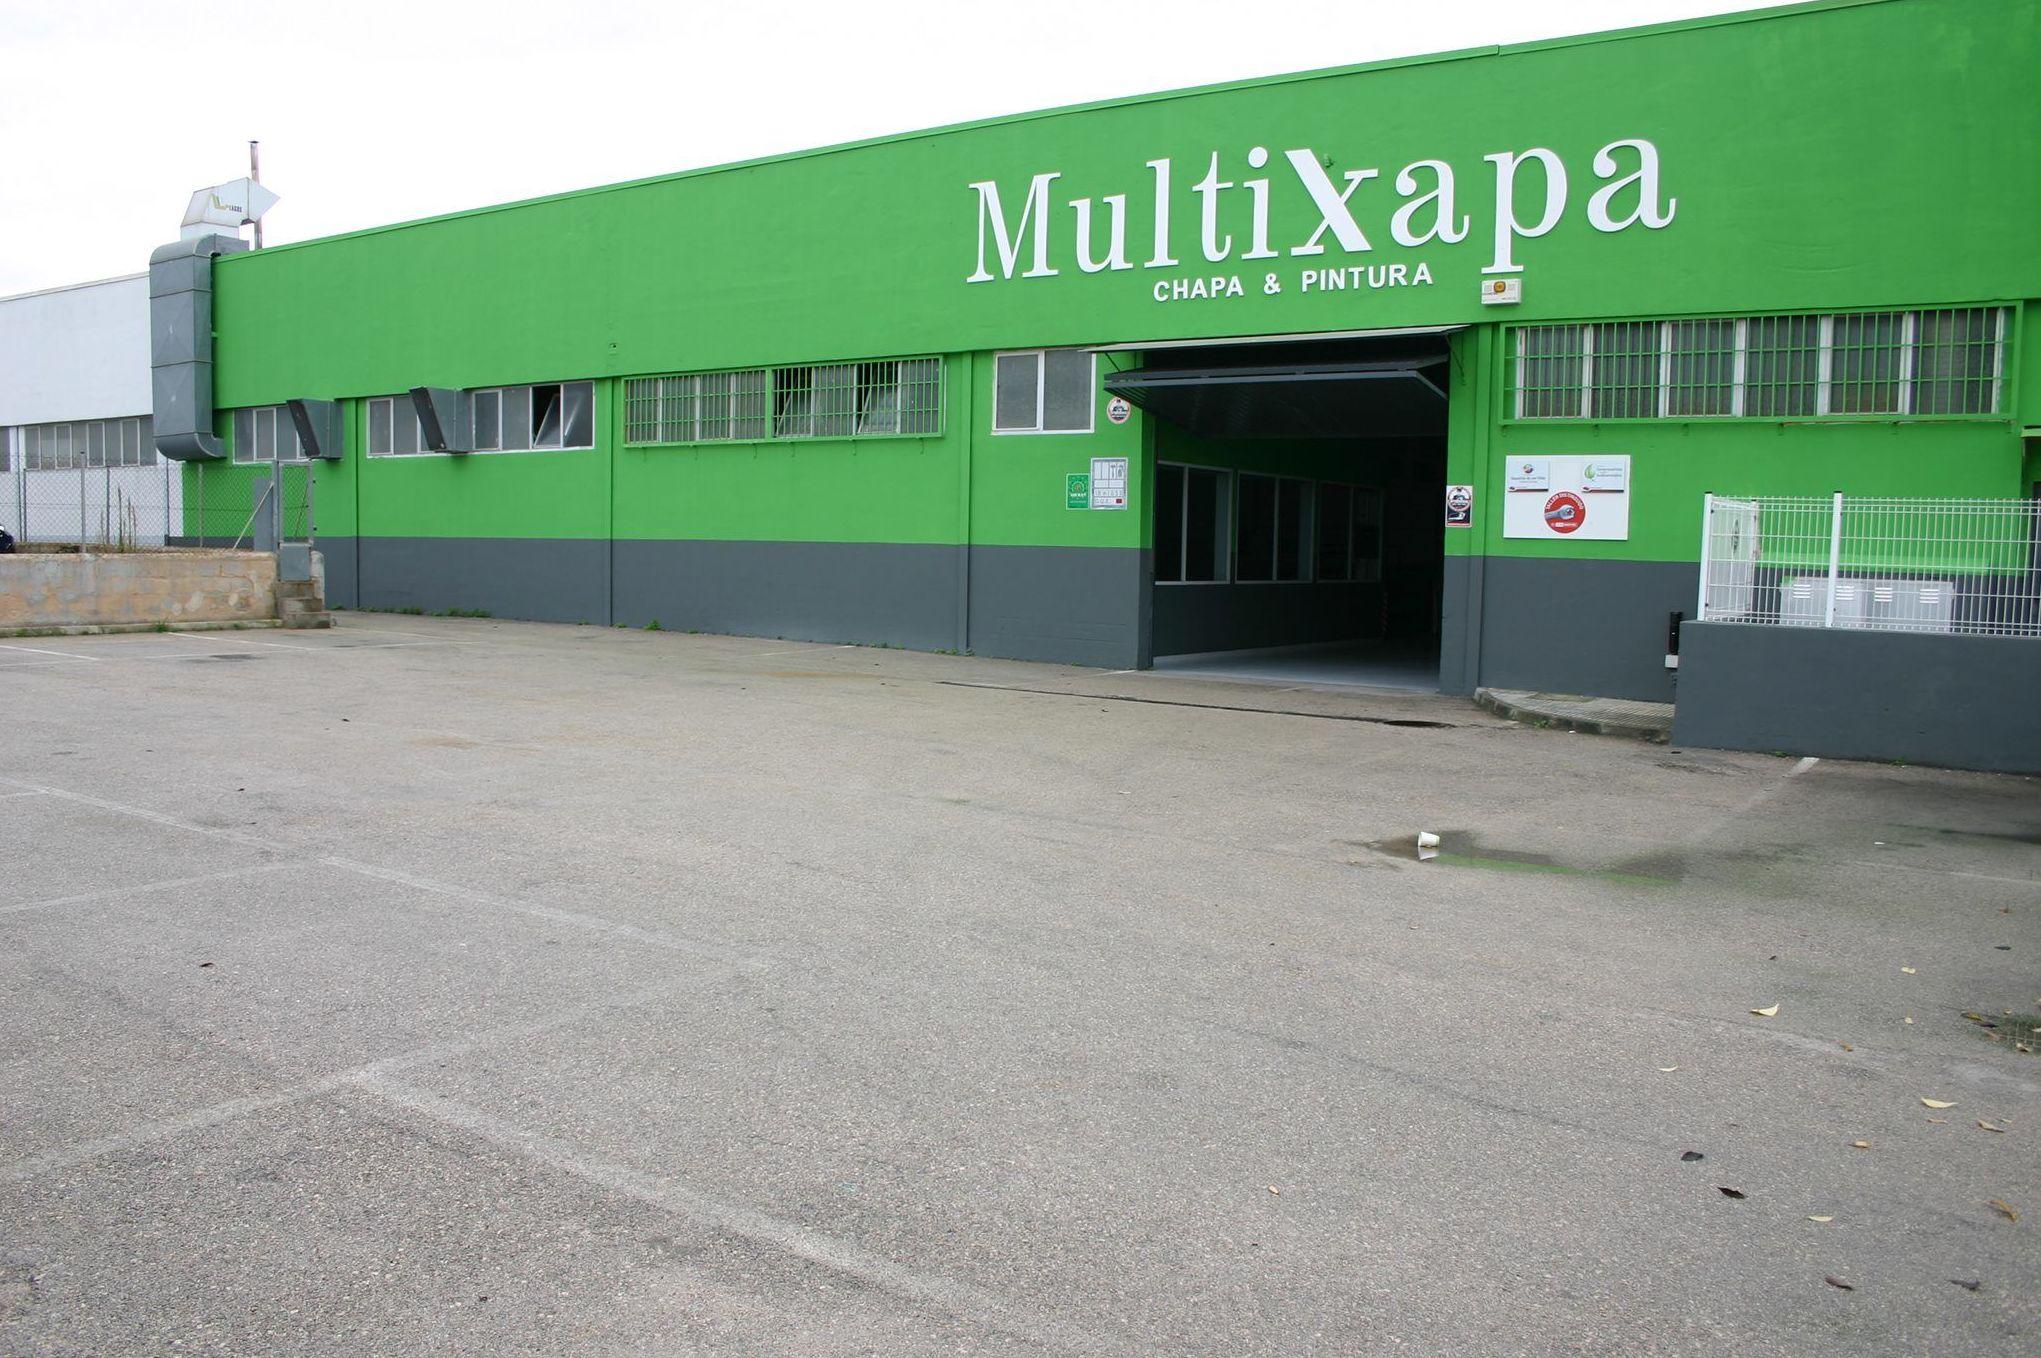 Multixapa, taller de chapa y pintura